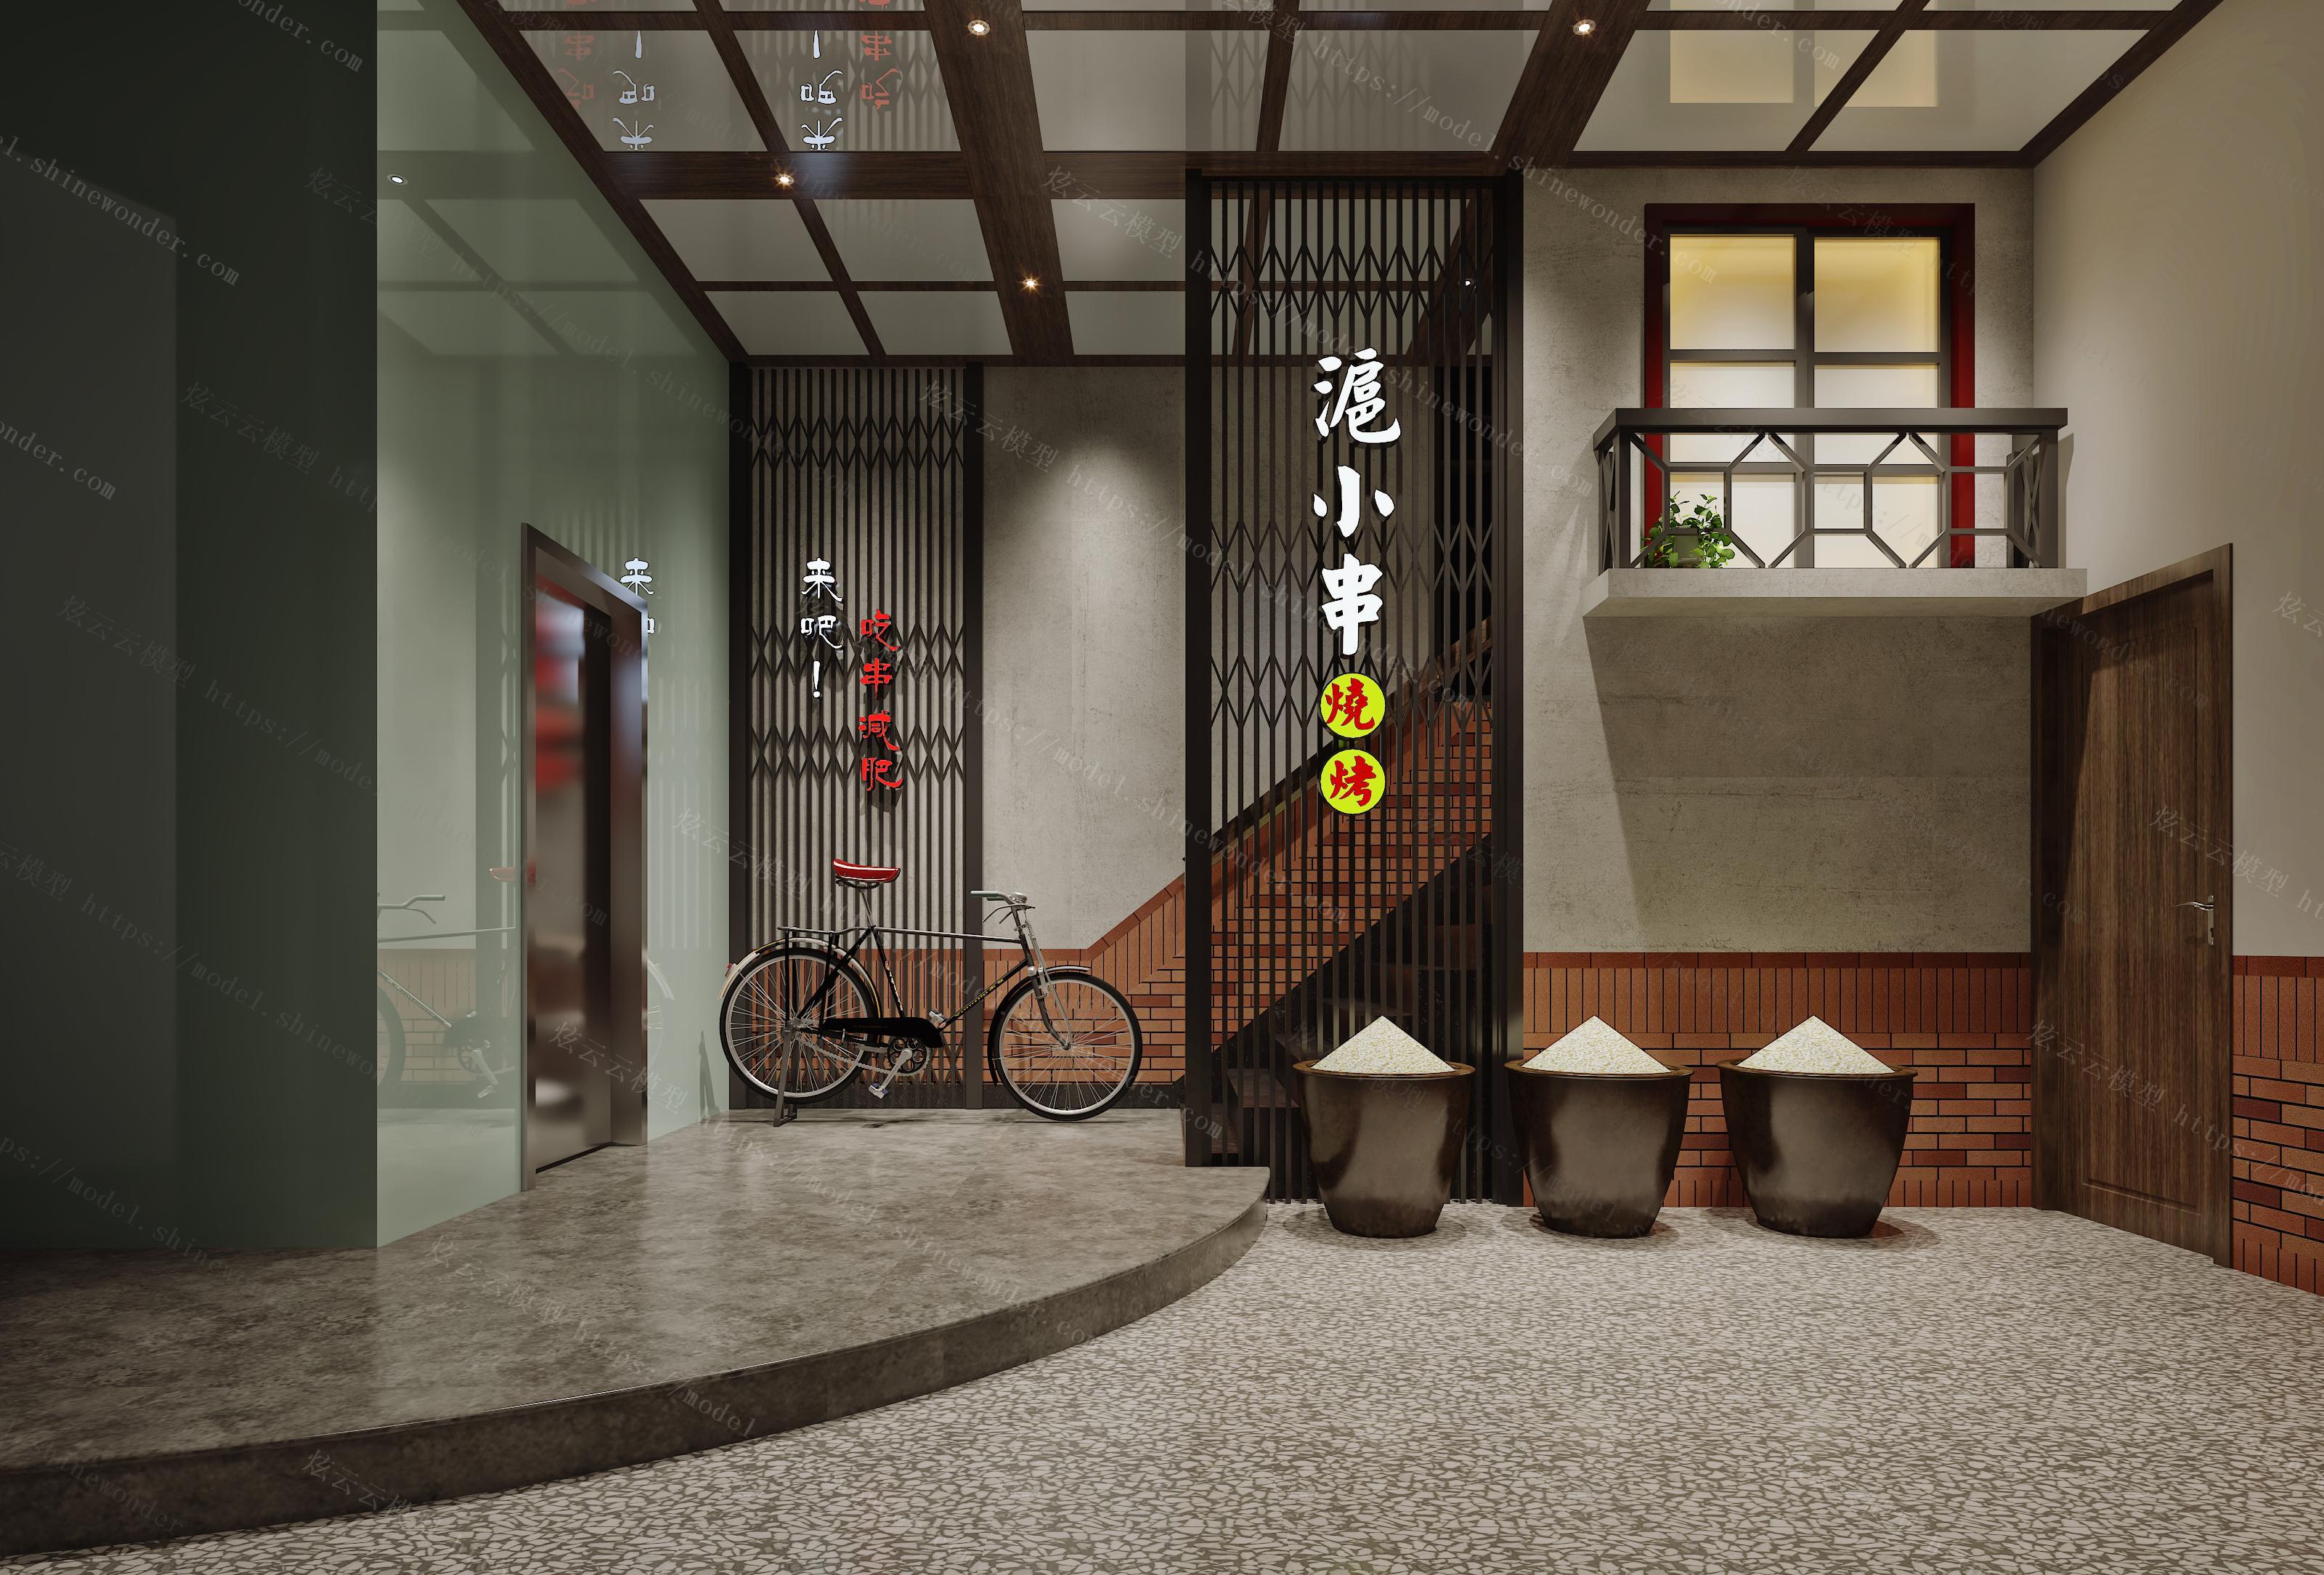 工业风餐厅前厅模型